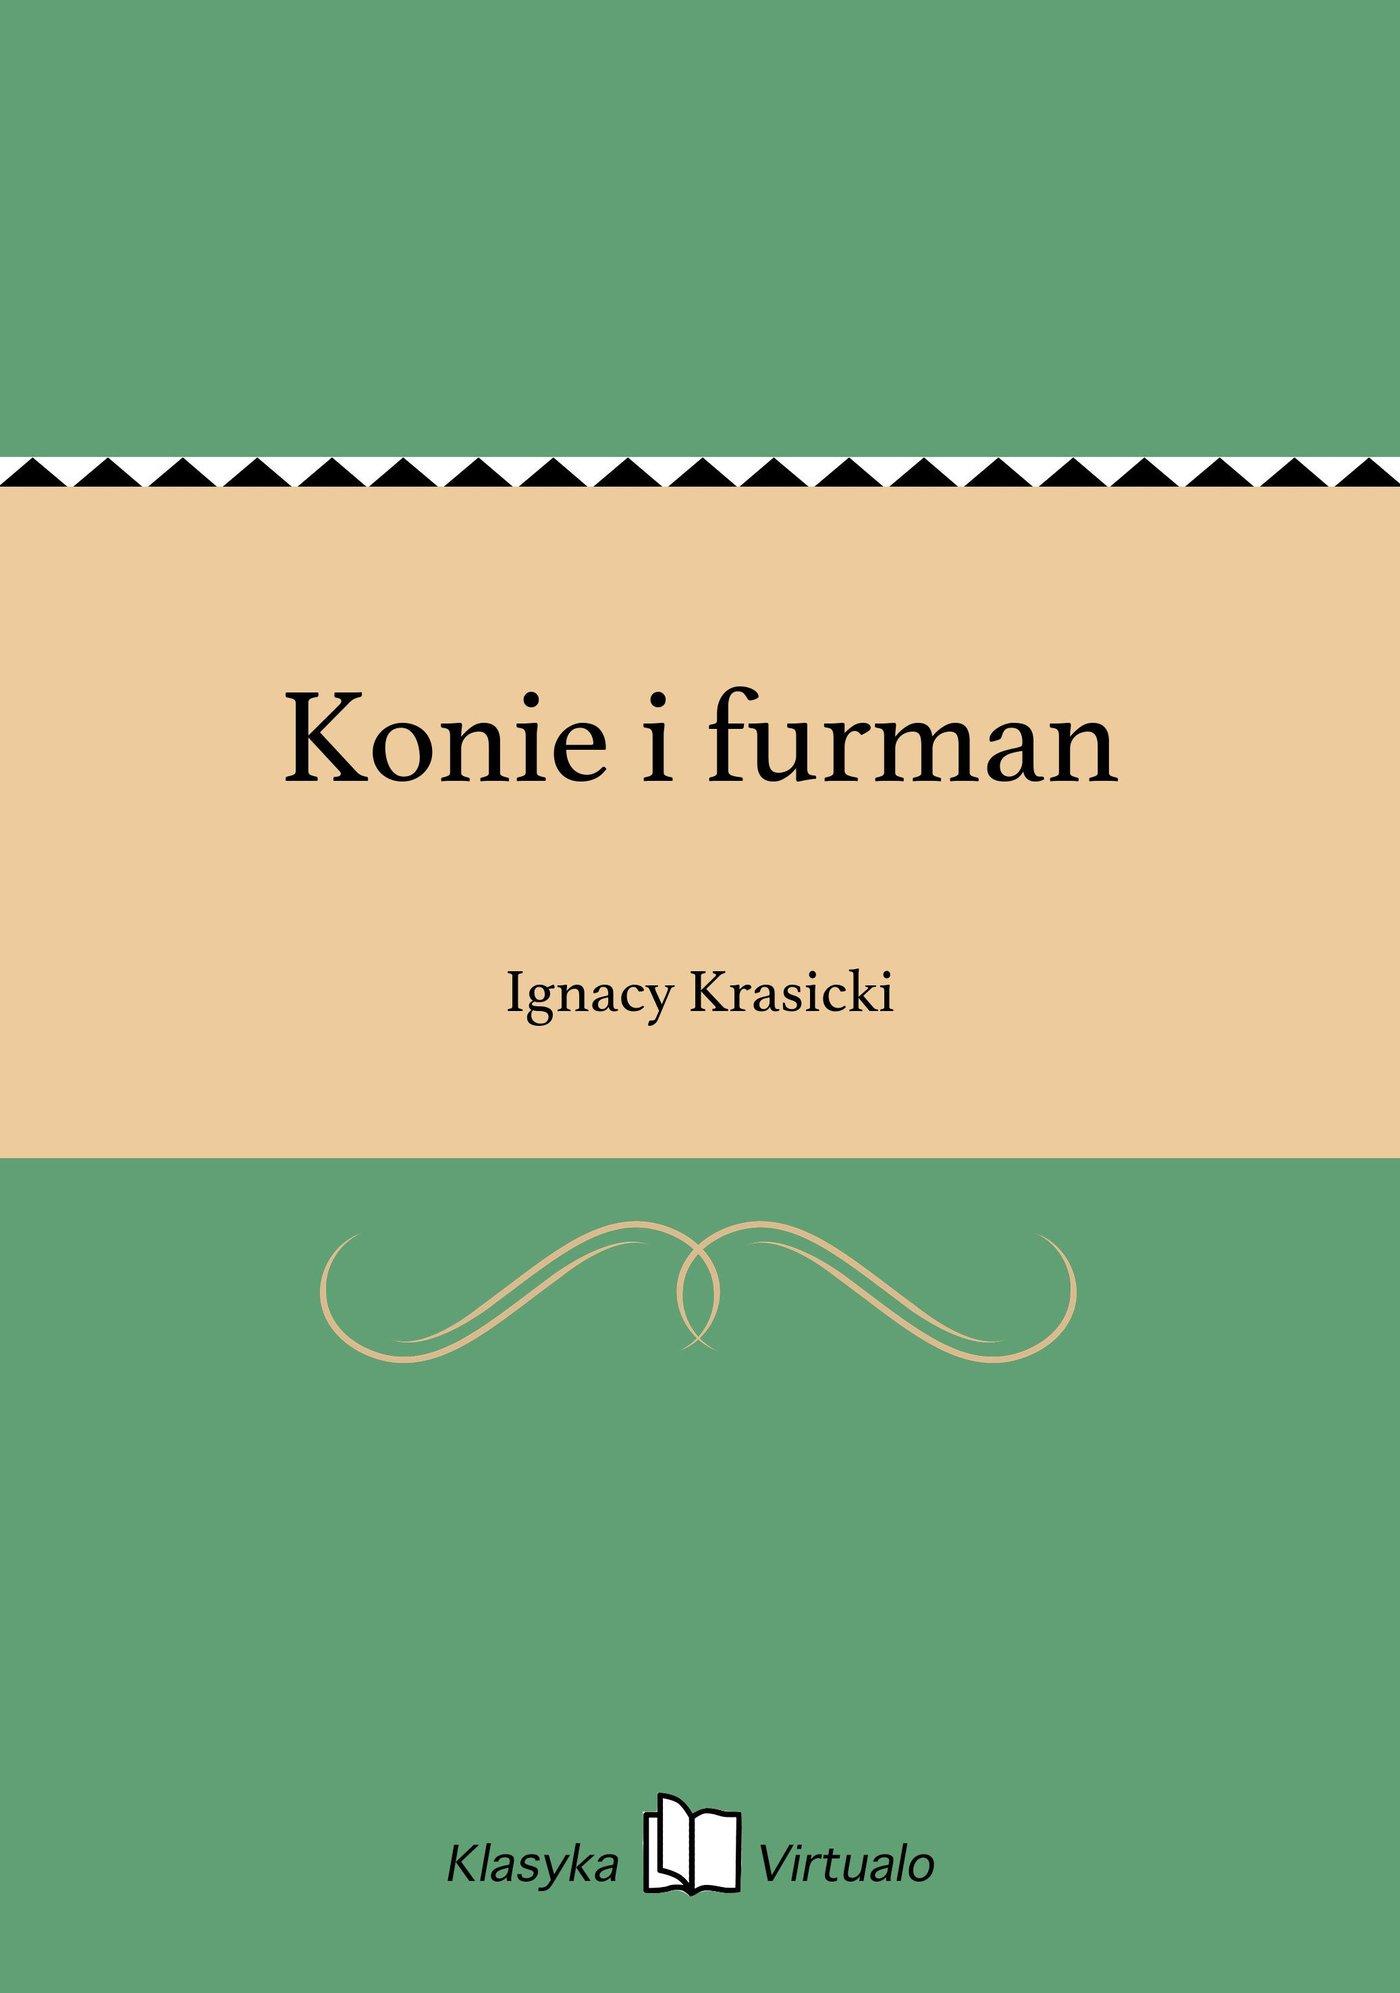 Konie i furman - Ebook (Książka EPUB) do pobrania w formacie EPUB